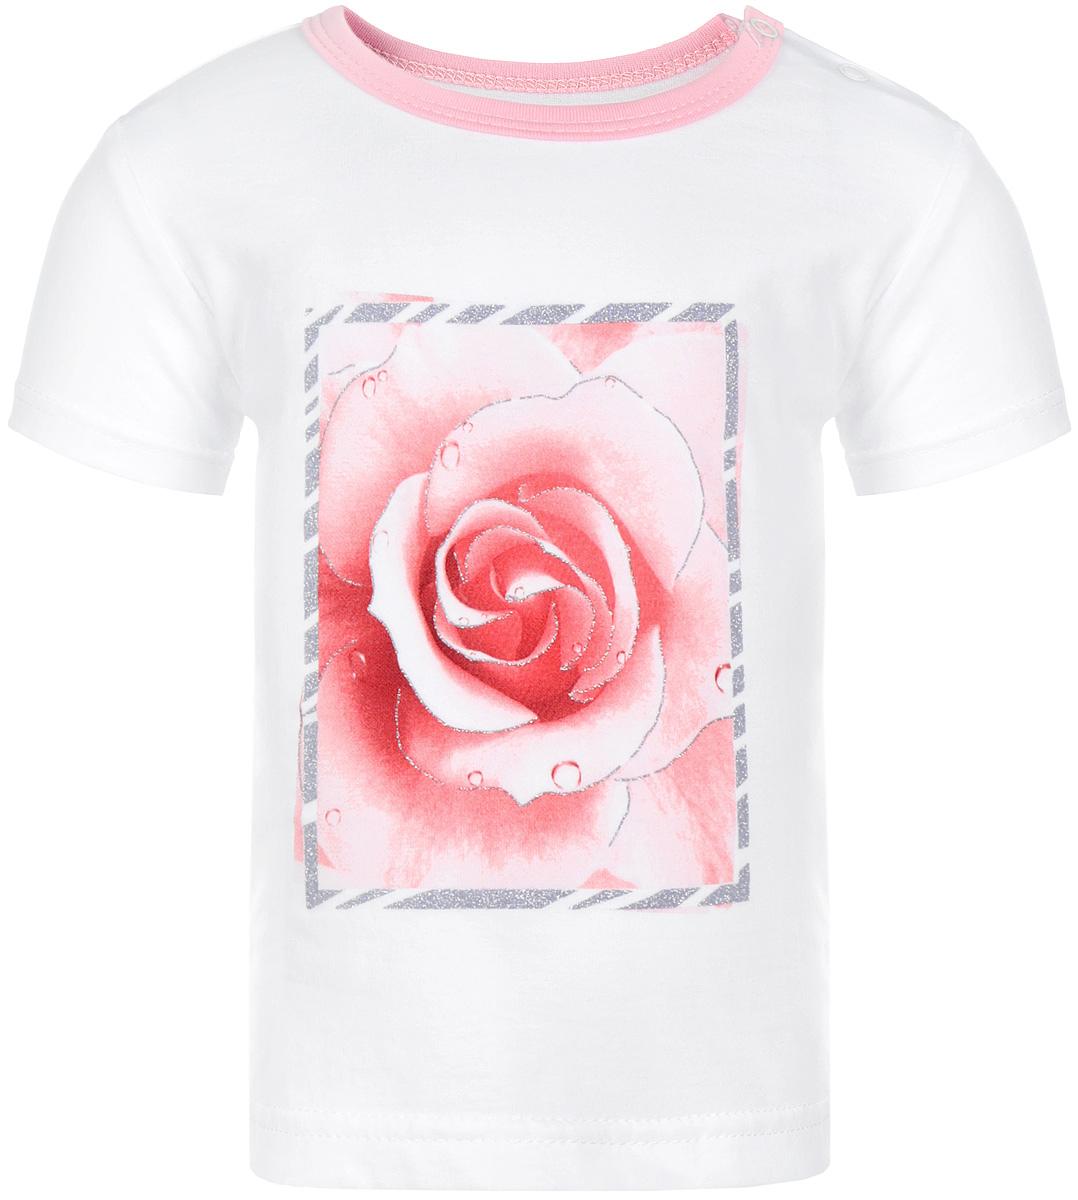 Футболка для девочки КотМарКот, цвет: белый, розовый. 14563. Размер 116, 6 лет14563Футболка для девочки КотМарКот послужит идеальным дополнением к гардеробу вашей доченьке. Изготовленная из натурального хлопка она не сковывает движения и позволяет коже дышать, не раздражает даже самую нежную и чувствительную кожу ребенка, обеспечивая ему наибольший комфорт.Футболка прямого кроя на плече застегивается на кнопки, которые позволяют без труда переодеть ребенка. Модель с круглым вырезом горловины оформлена изображением изящной розы в блестящей рамке. Вырез горловины обработан контрастной окантовкой.Современный дизайн и расцветка делают эту футболку стильным предметом детского гардероба. В ней ваш ребенок будет чувствовать себя уютно и комфортно и всегда будет в центре внимания.